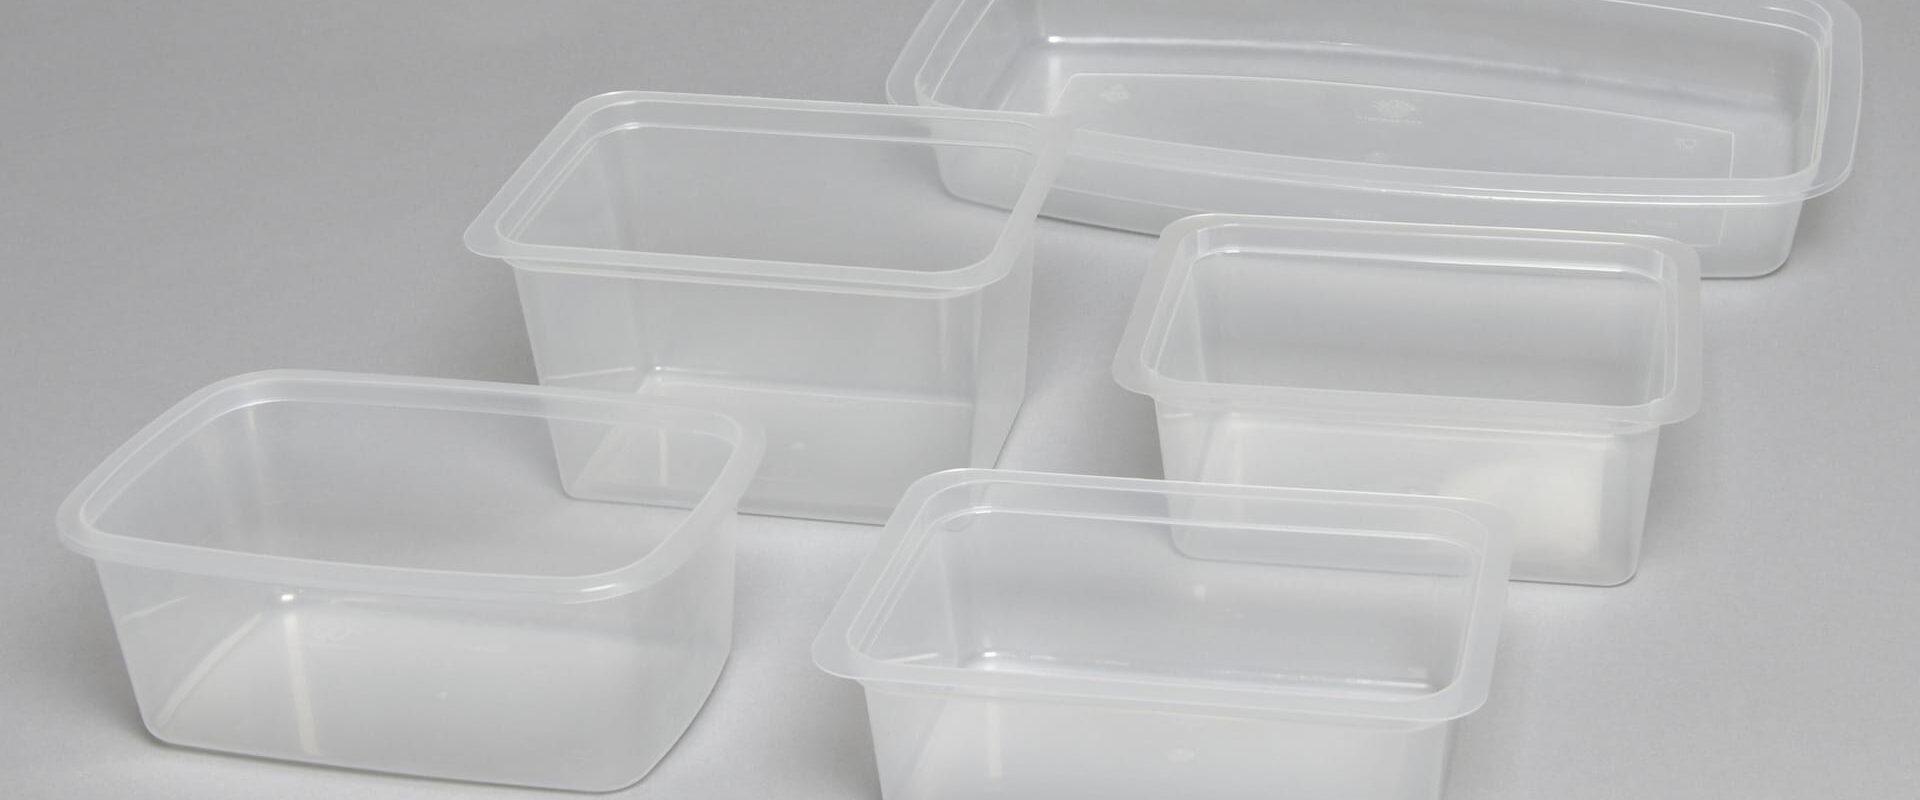 Vaschette in plastica per alimenti da termosaldare